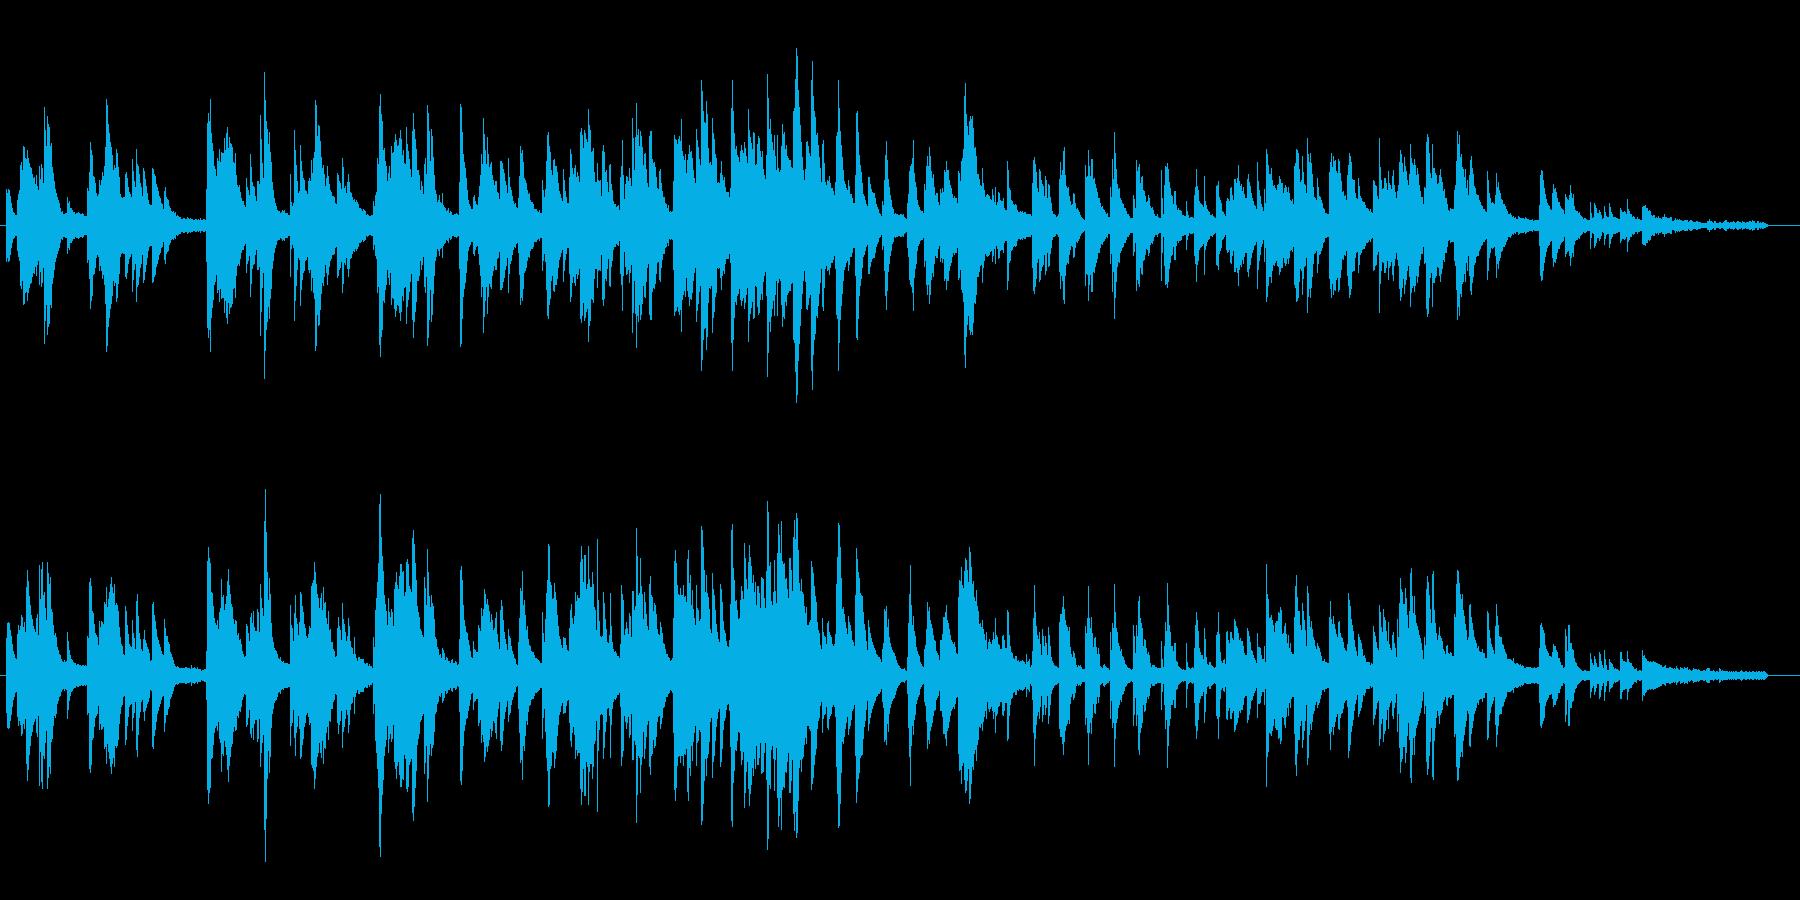 大人な雰囲気のピアノ・ソロ即興曲の再生済みの波形